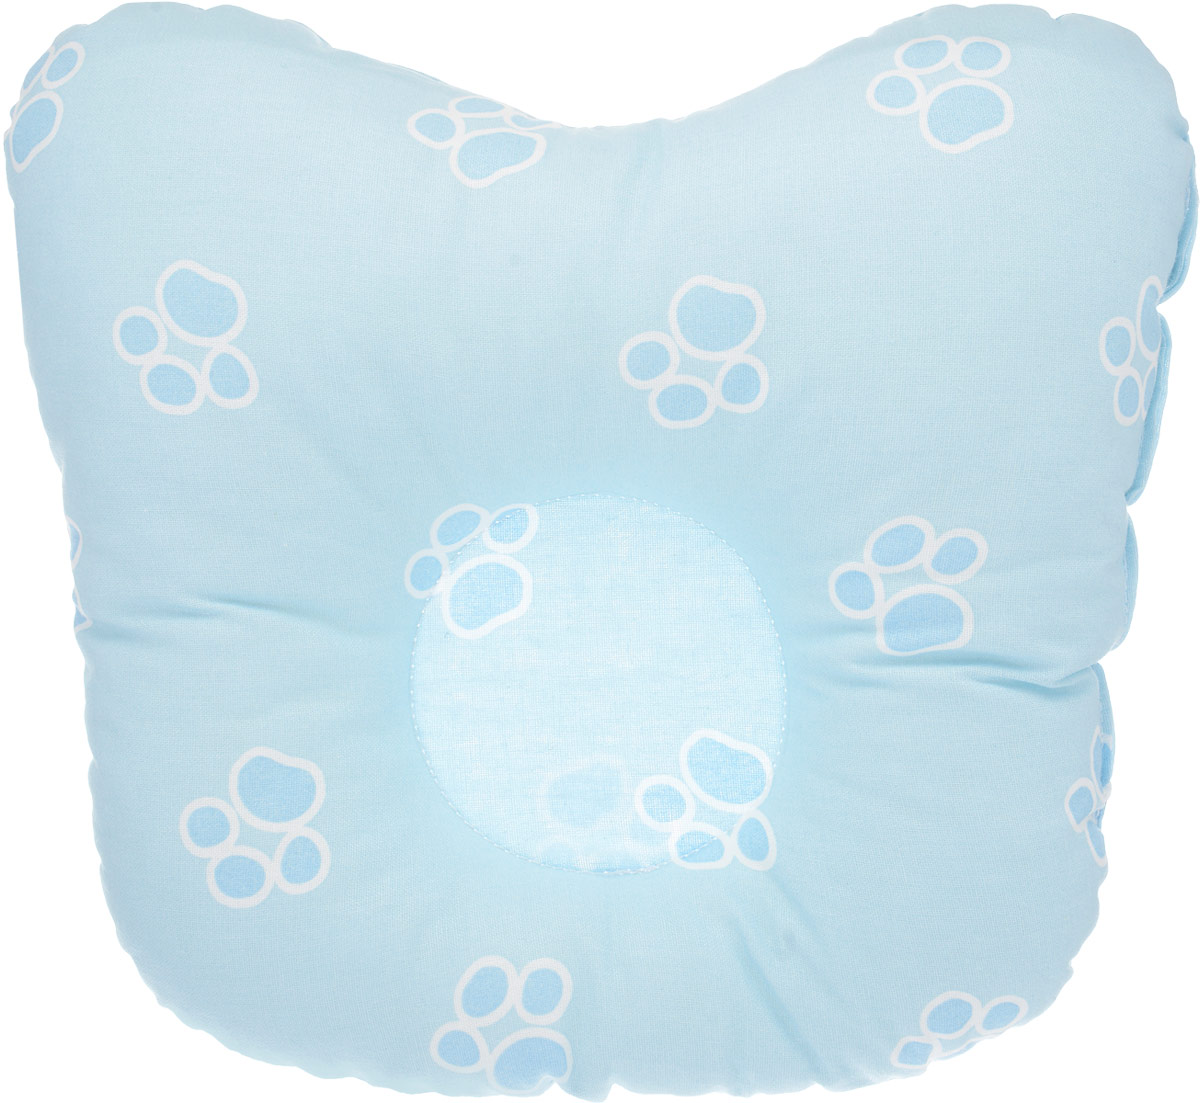 Сонный гномик Подушка анатомическая для младенцев Лапки цвет голубой 27 х 20 см68/4/5Анатомическая подушка для младенцев Сонный гномик Лапки изготовлена из бязи - 100% хлопка. Наполнитель - синтепон в гранулах (100% полиэстер).Подушка компактна и удобна для пеленания малыша и кормления на руках, она также незаменима для сна ребенка в кроватке и комфортна для использования в коляске на прогулке. Углубление в подушке фиксирует правильное положение головы ребенка.Подушка помогает правильному формированию шейного отдела позвоночника и обеспечивает младенцу крепкий и здоровый сон. Подушка оформлена принтом с изображением маленьких лапок.